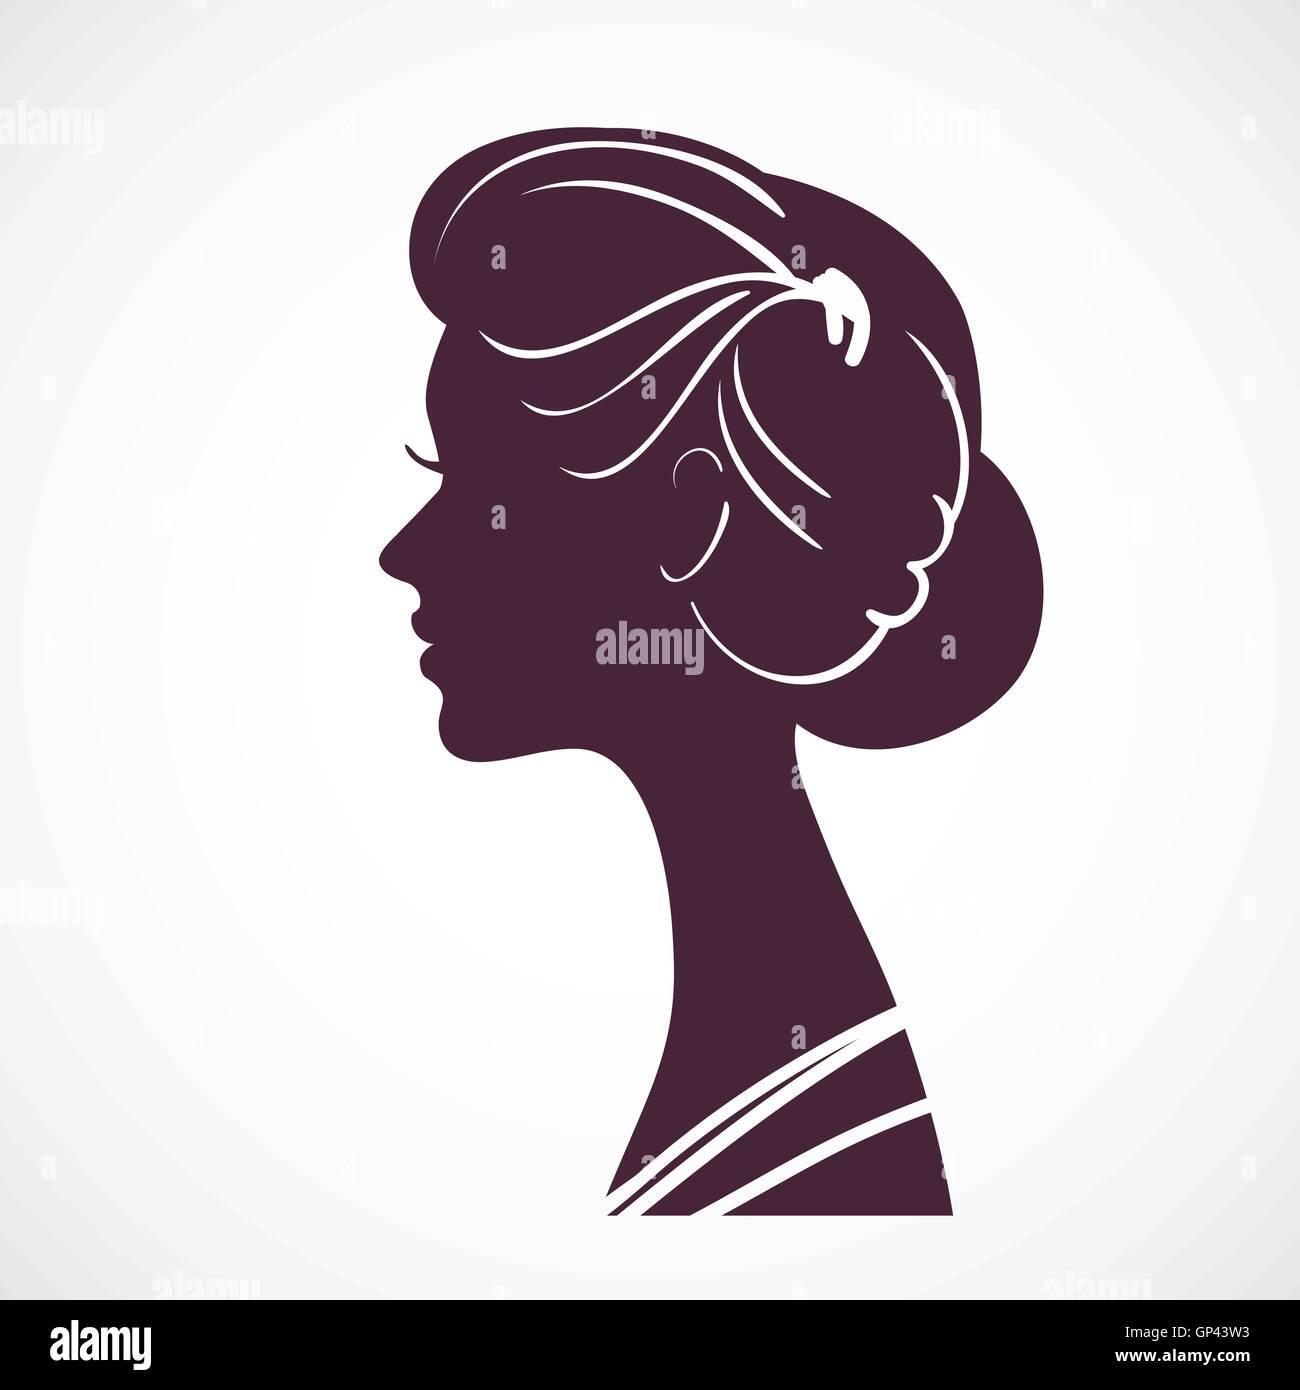 Frauen silhouette Kopf mit schönen stilisierte Frisur. Stockbild